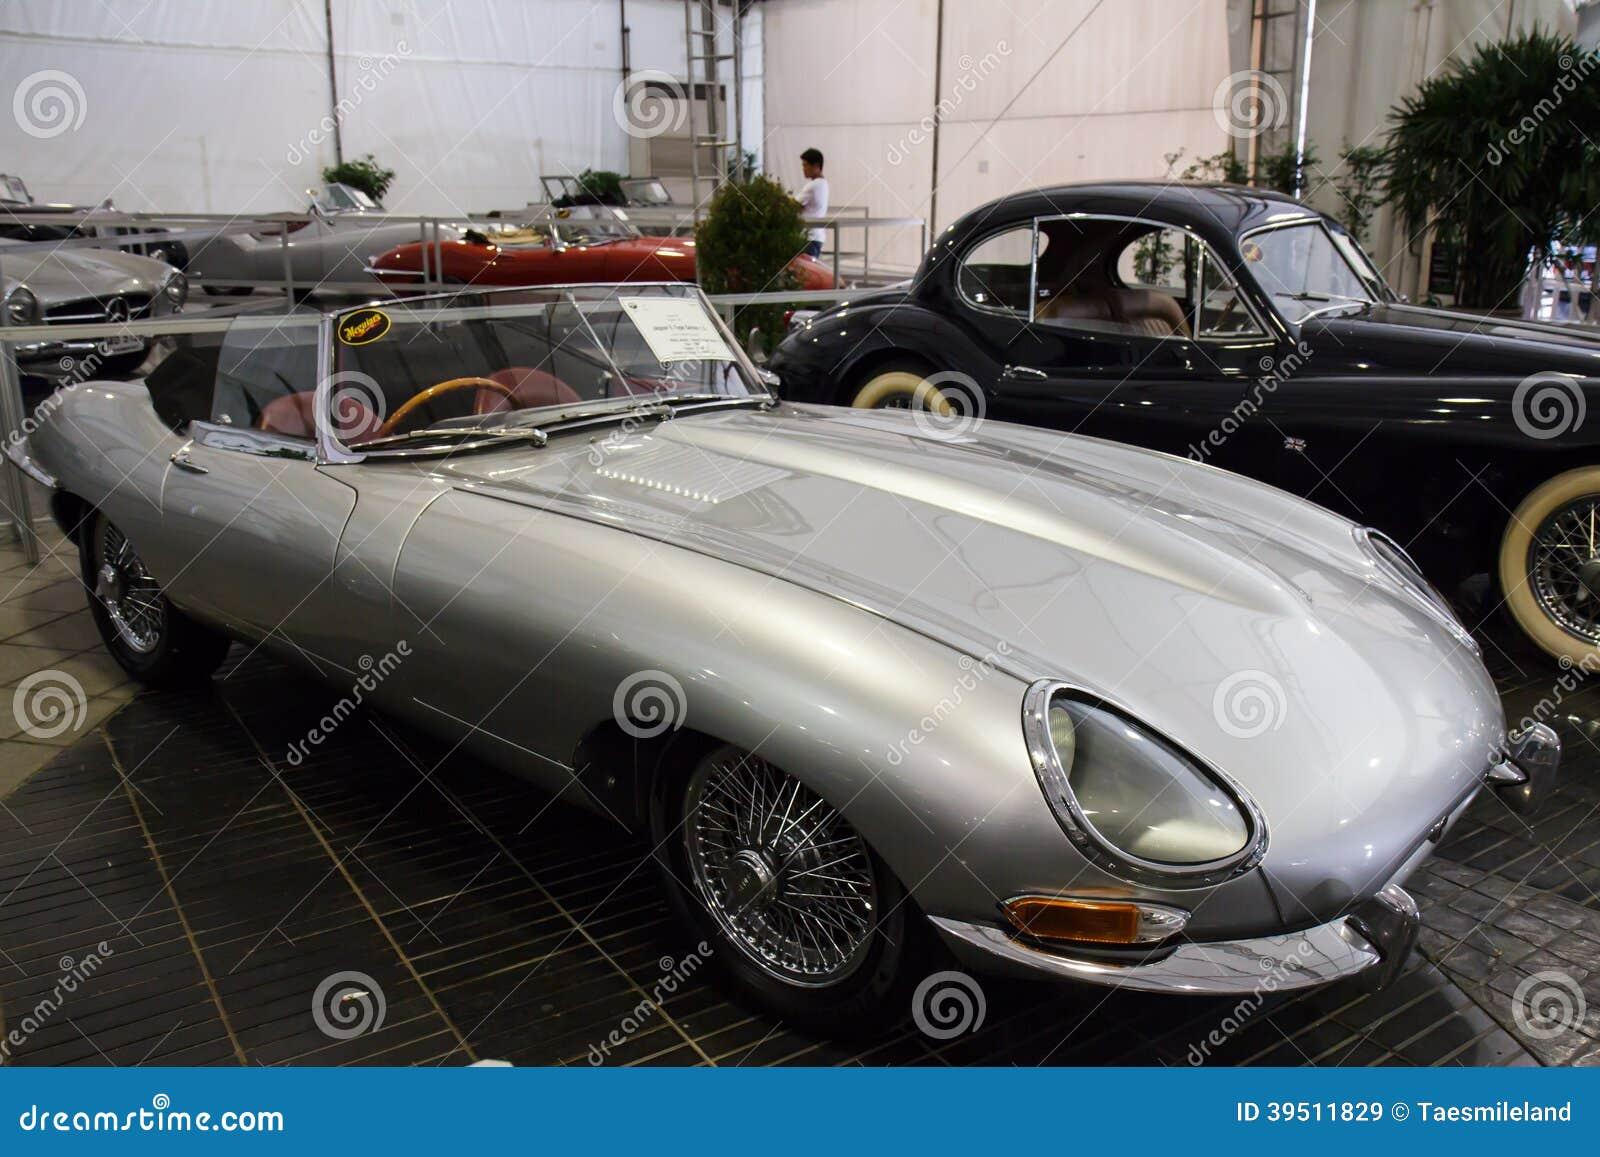 BANGKOK - JUNE 22 Jaguar E-Type Series 1 5 1960 on display at Th